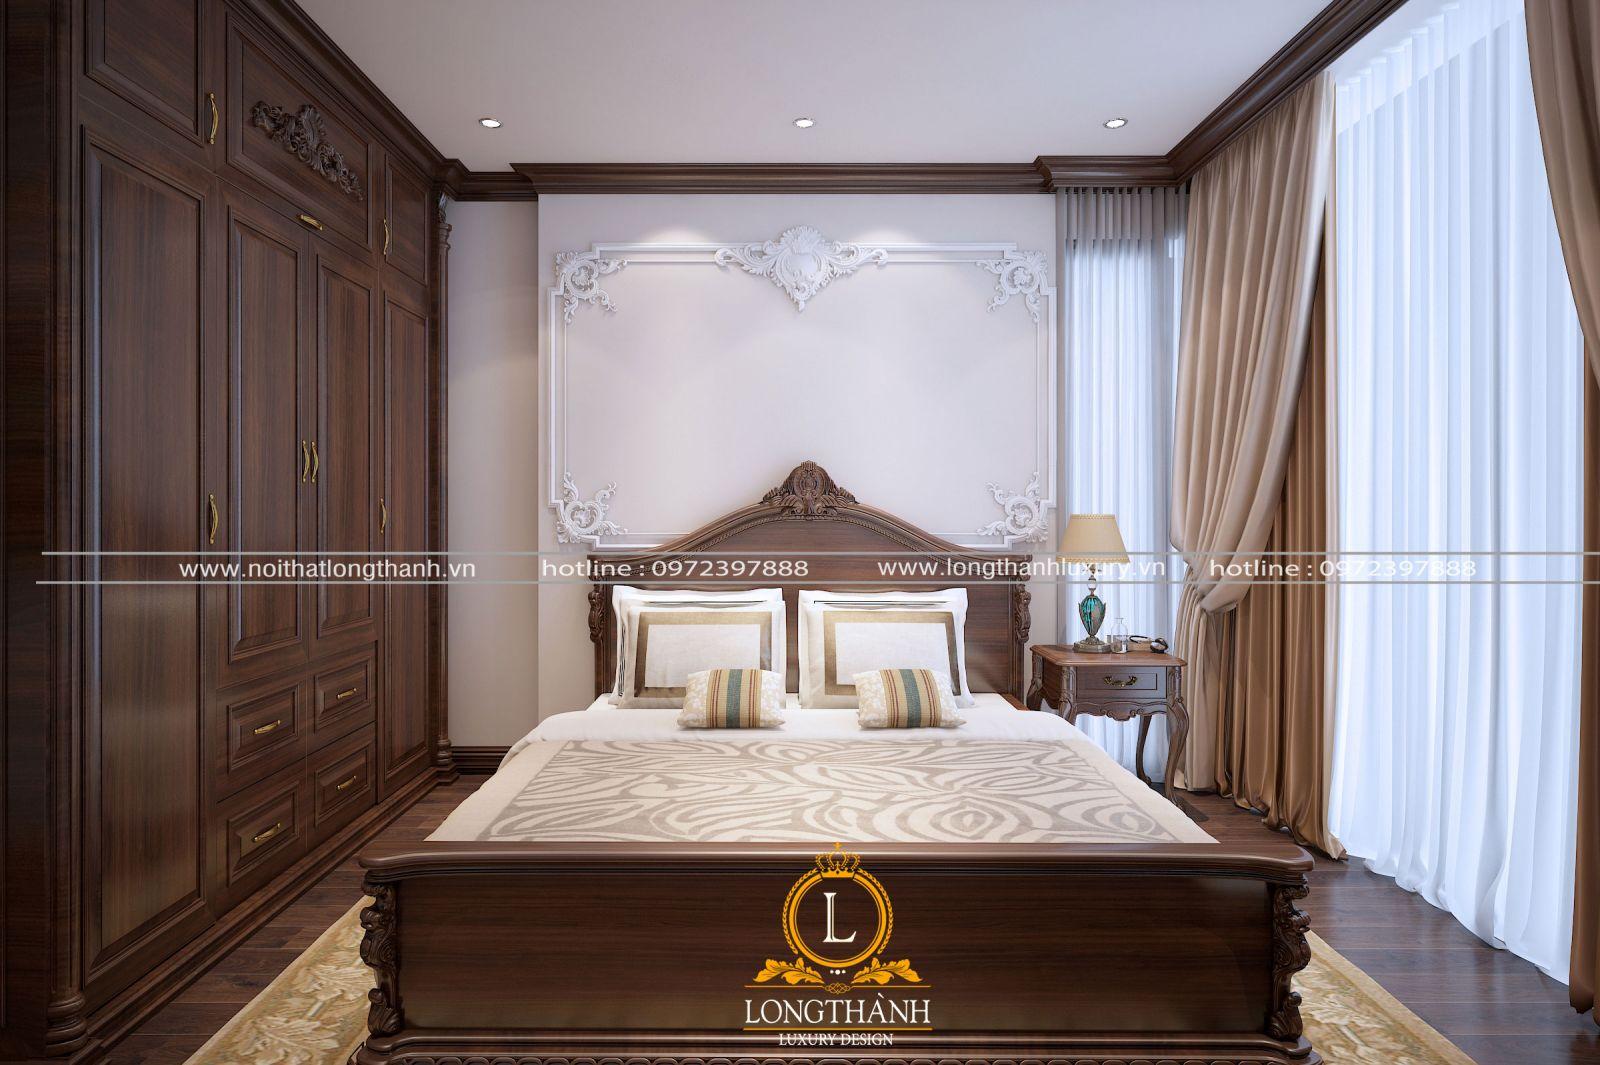 Nội thất phòng ngủ đẹp cho căn hộ chung cư